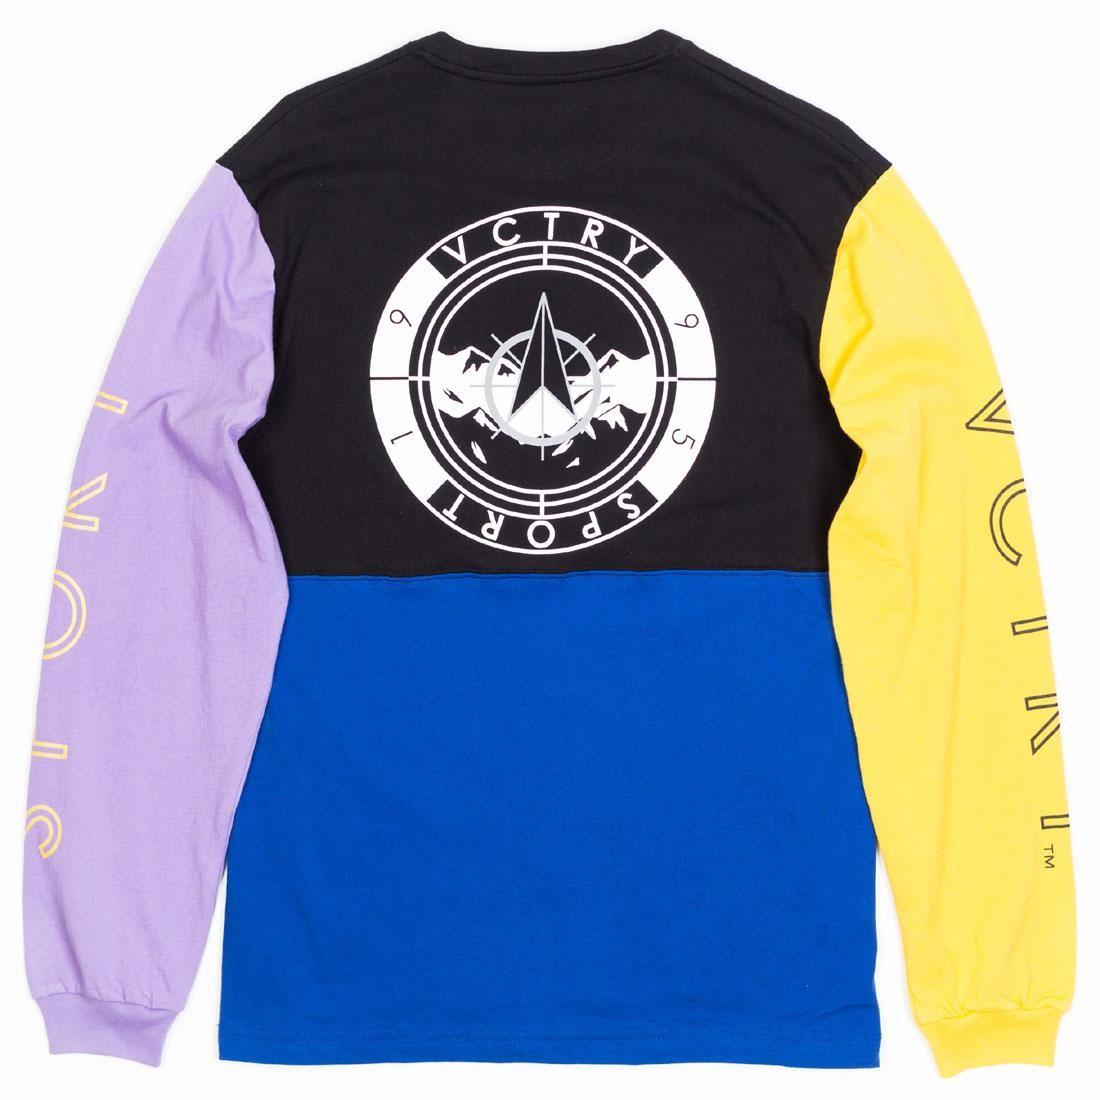 テンディープ 10 DEEP ミッド スリーブ Tシャツ メンズファッション トップス カットソー メンズ 【 Men Mid Mountain Long Sleeve Tee (purple / Black) 】 Purple / Black